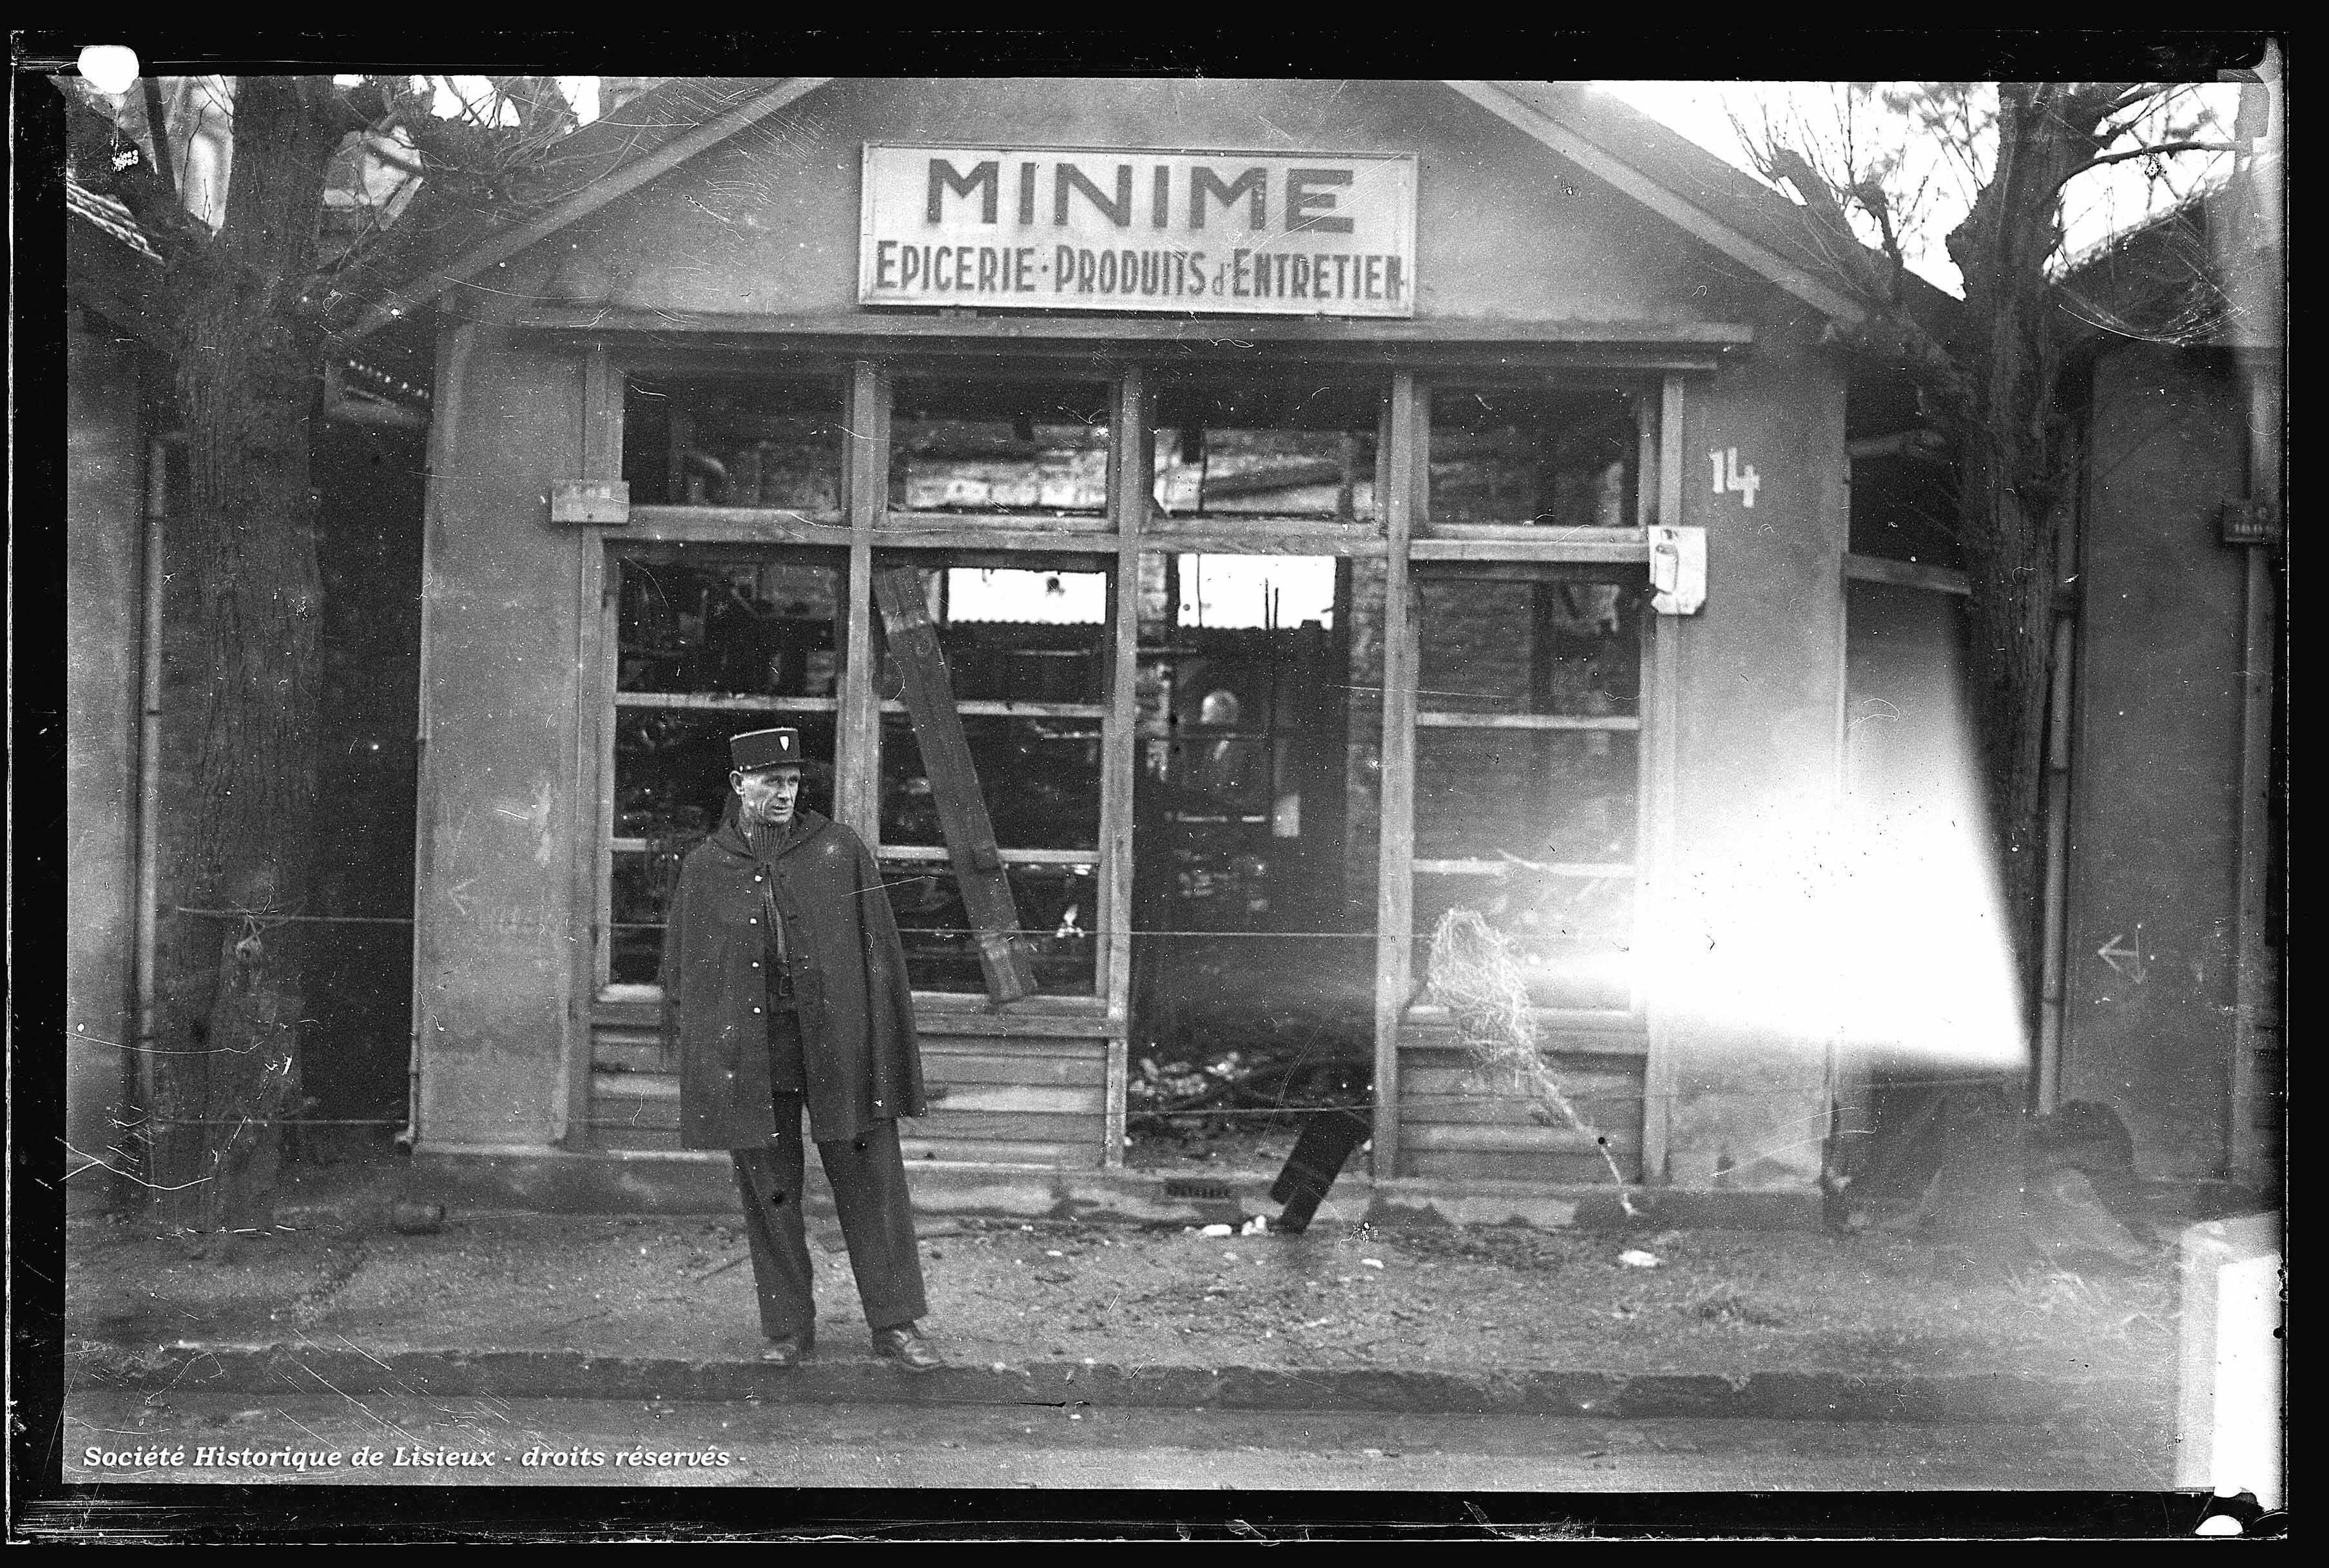 """Épicerie provisoire dans baraquement : """"Minime"""""""